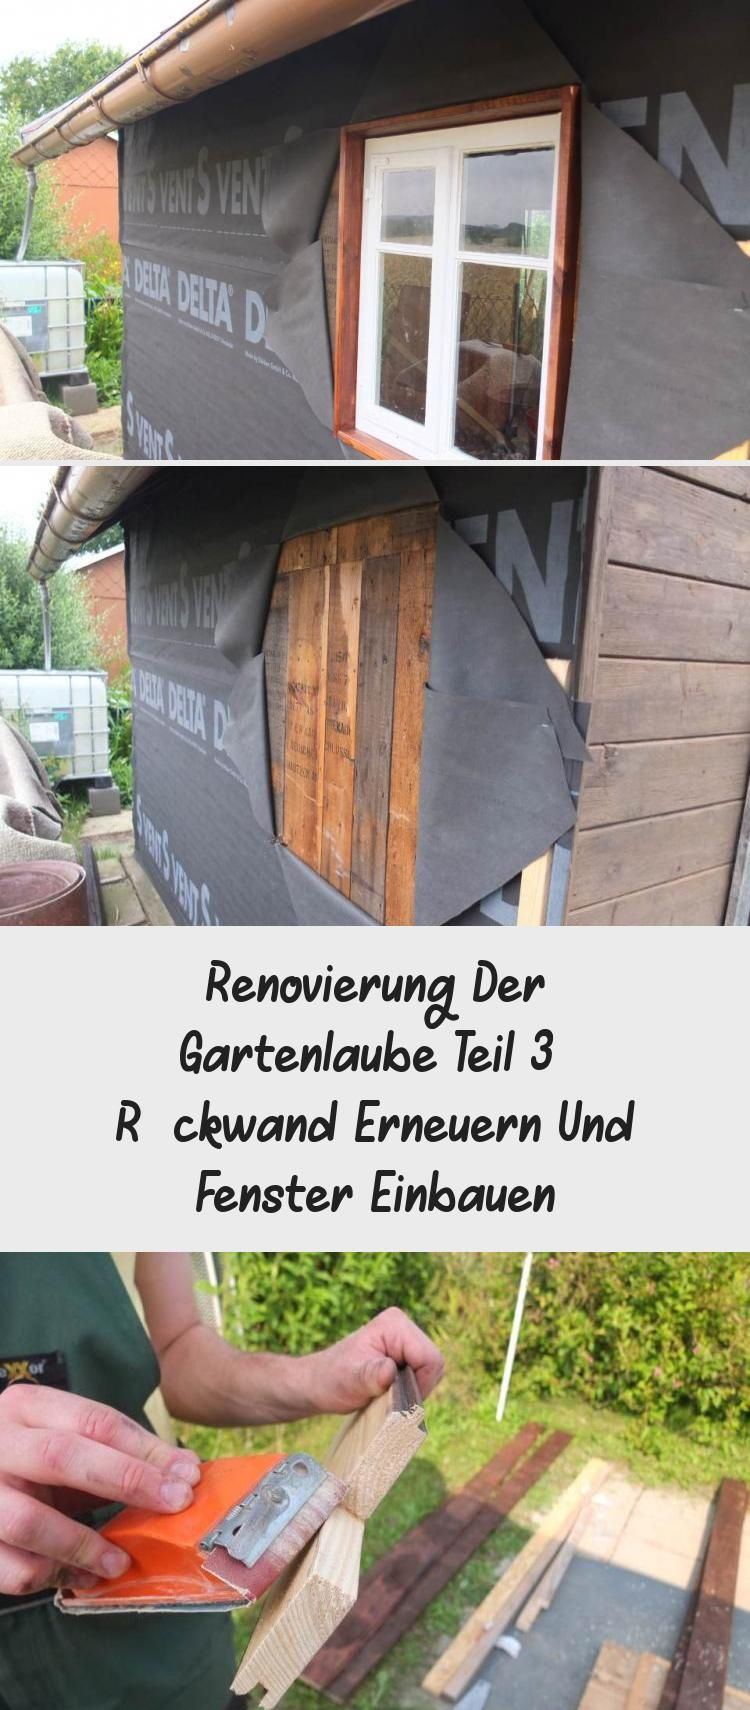 Full Size of Renovierung Der Gartenlaube Teil 3 Rckwand Erneuern Und Fenster Kosten Bad Wohnzimmer Fensterfugen Erneuern